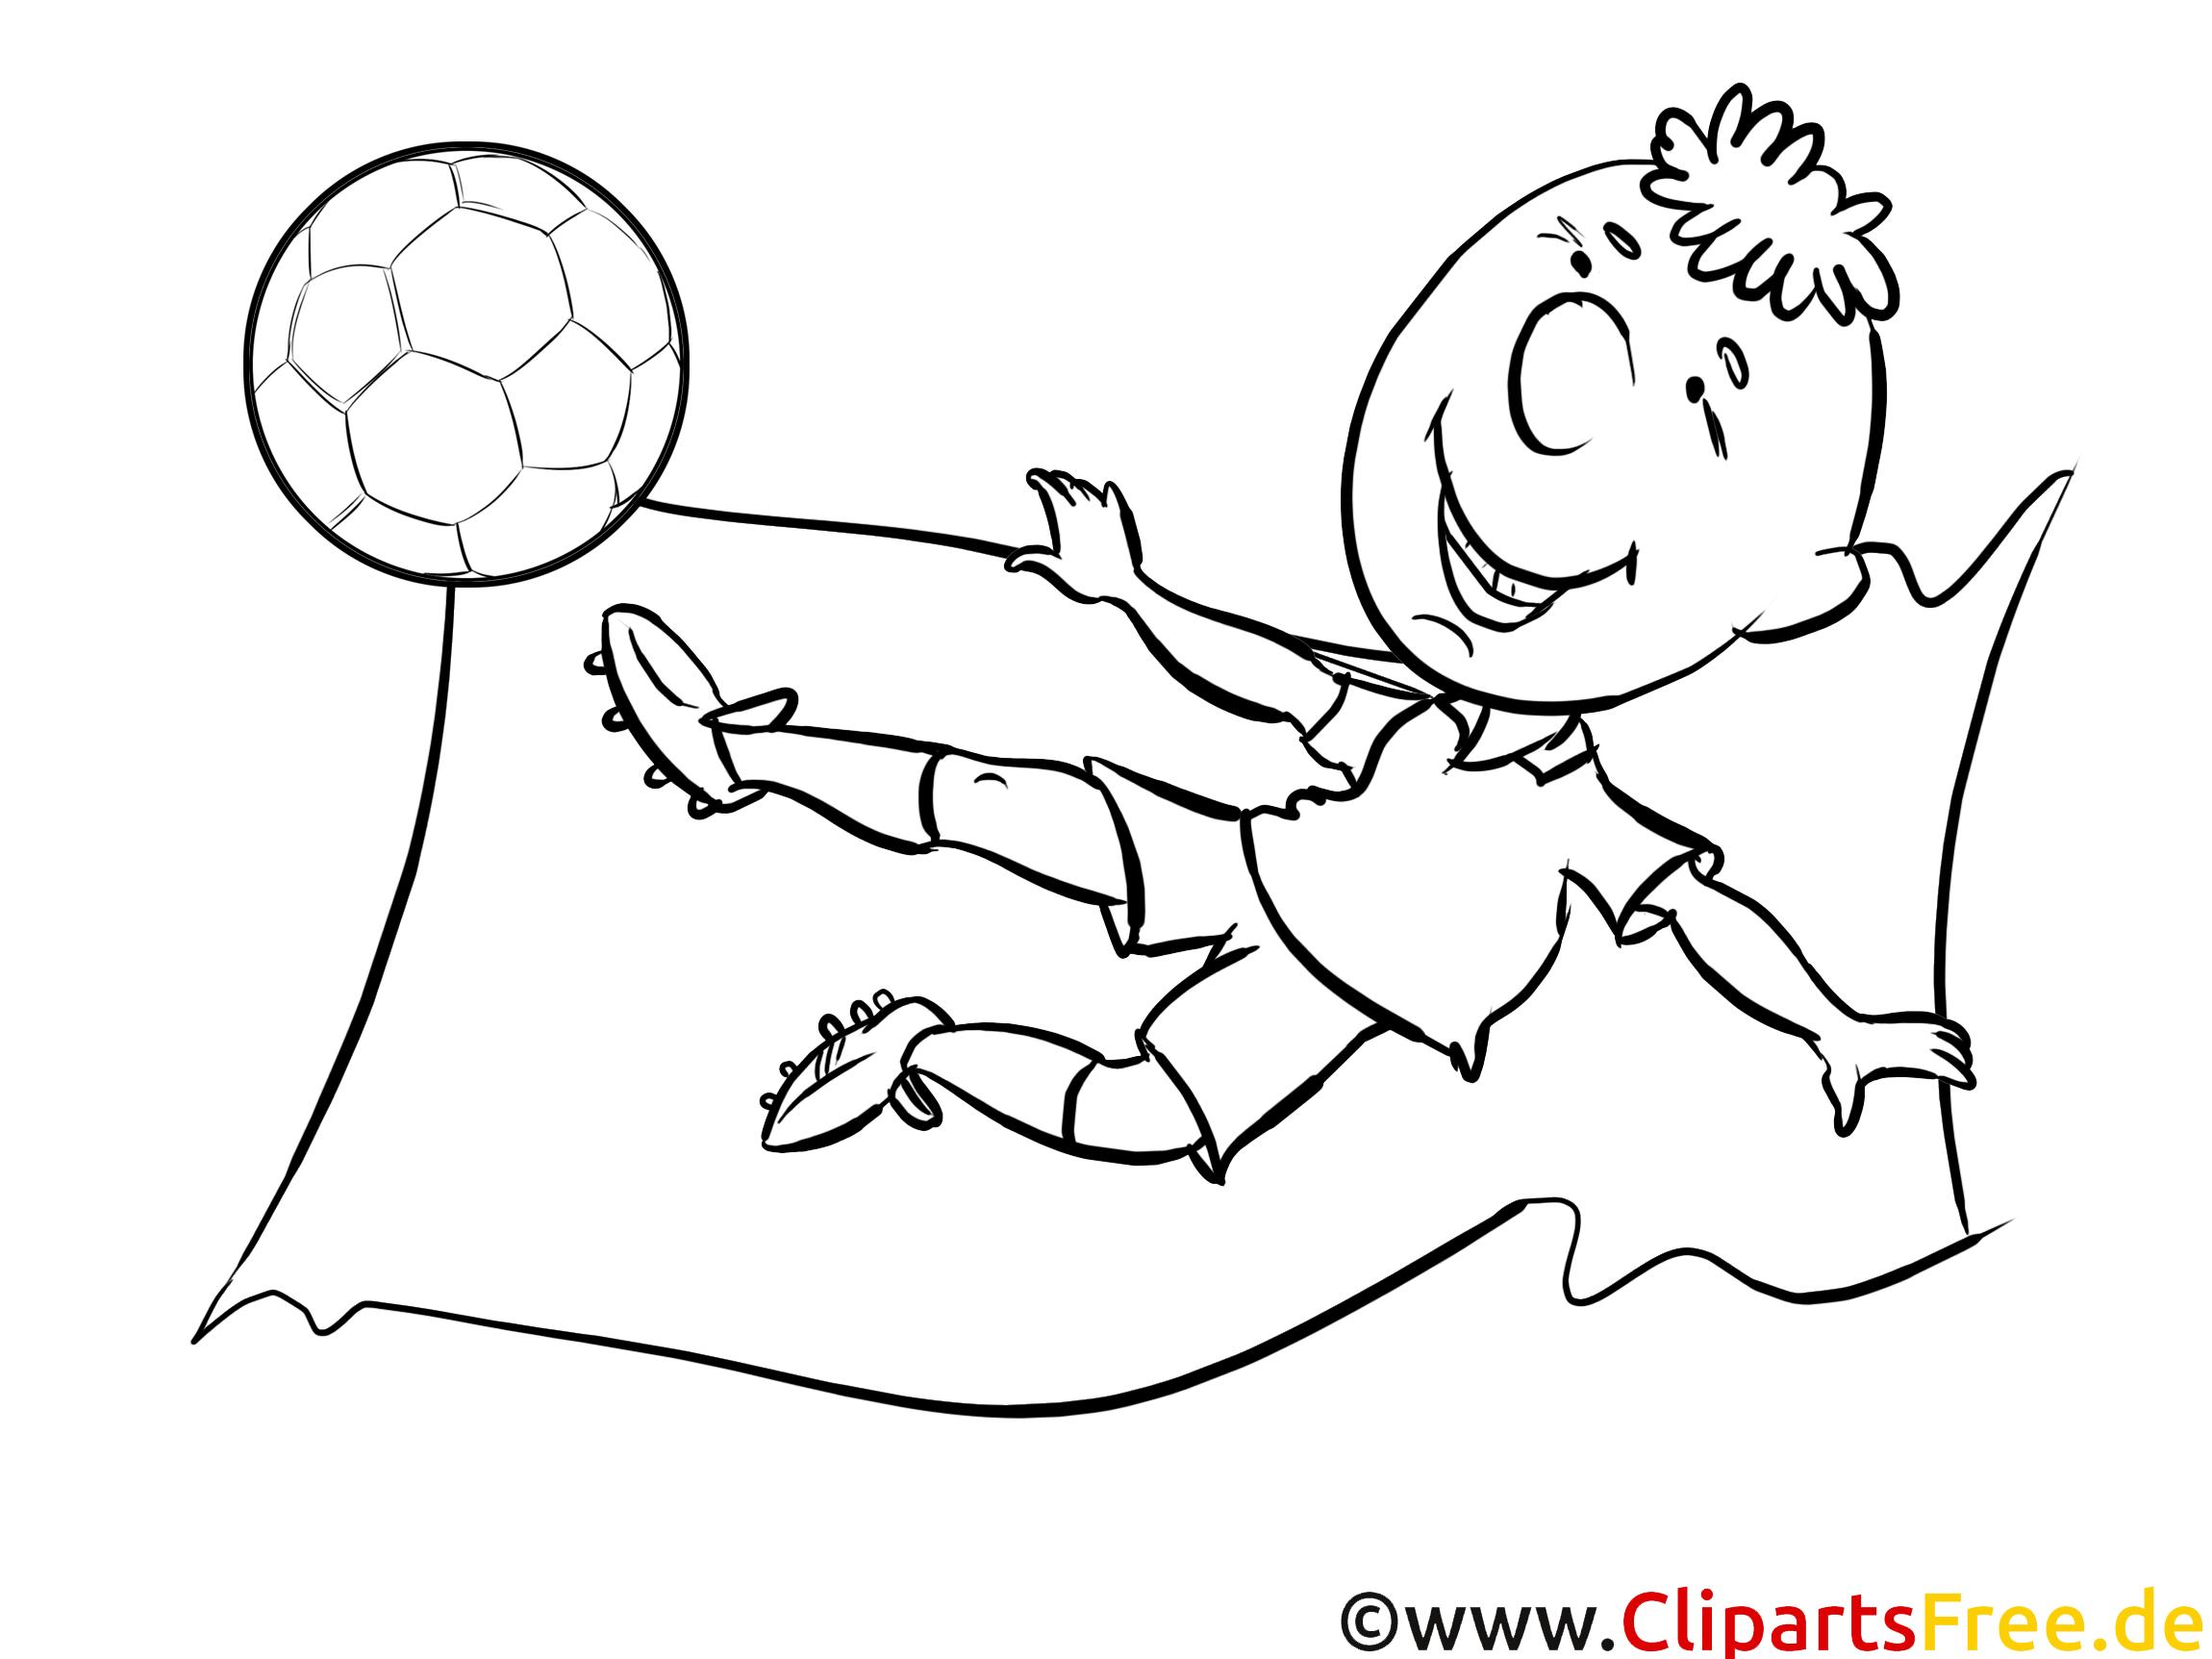 Soccer gratuit Albanie Cliparts Joueurs à colorier